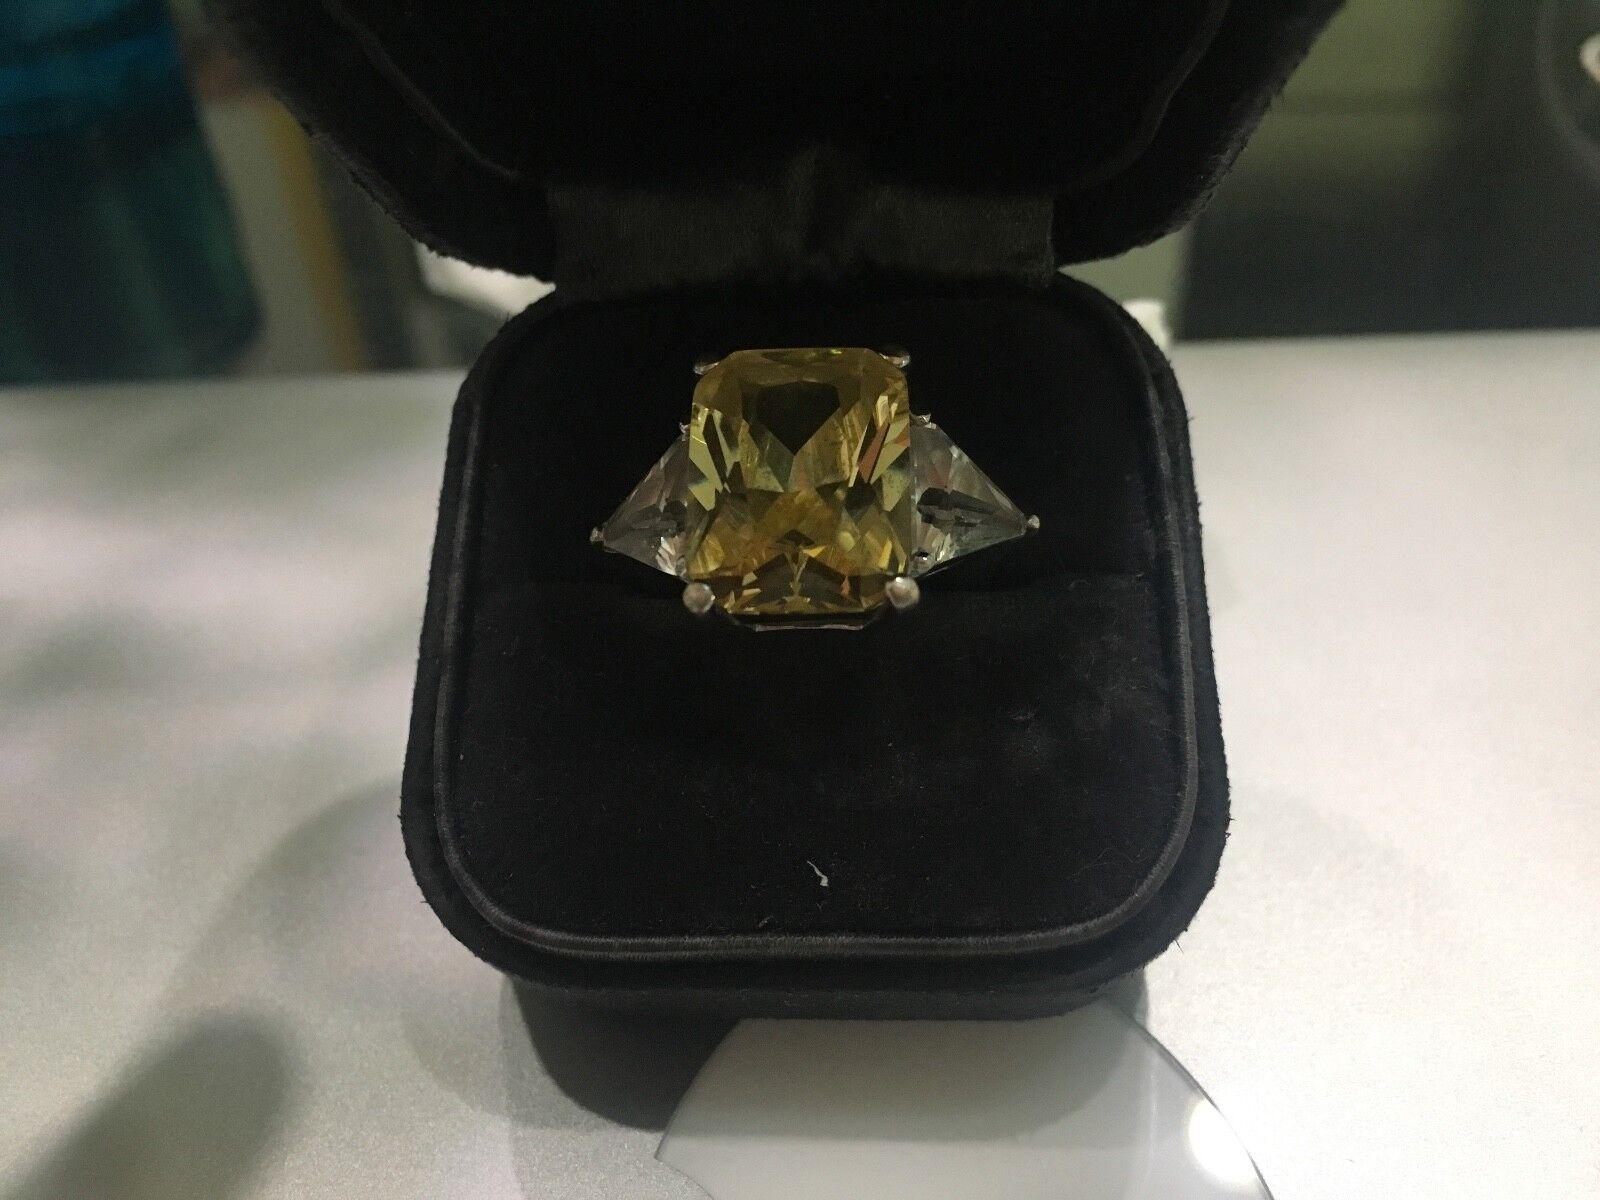 Stunning Größe 8 Ring featuring 6 ct.